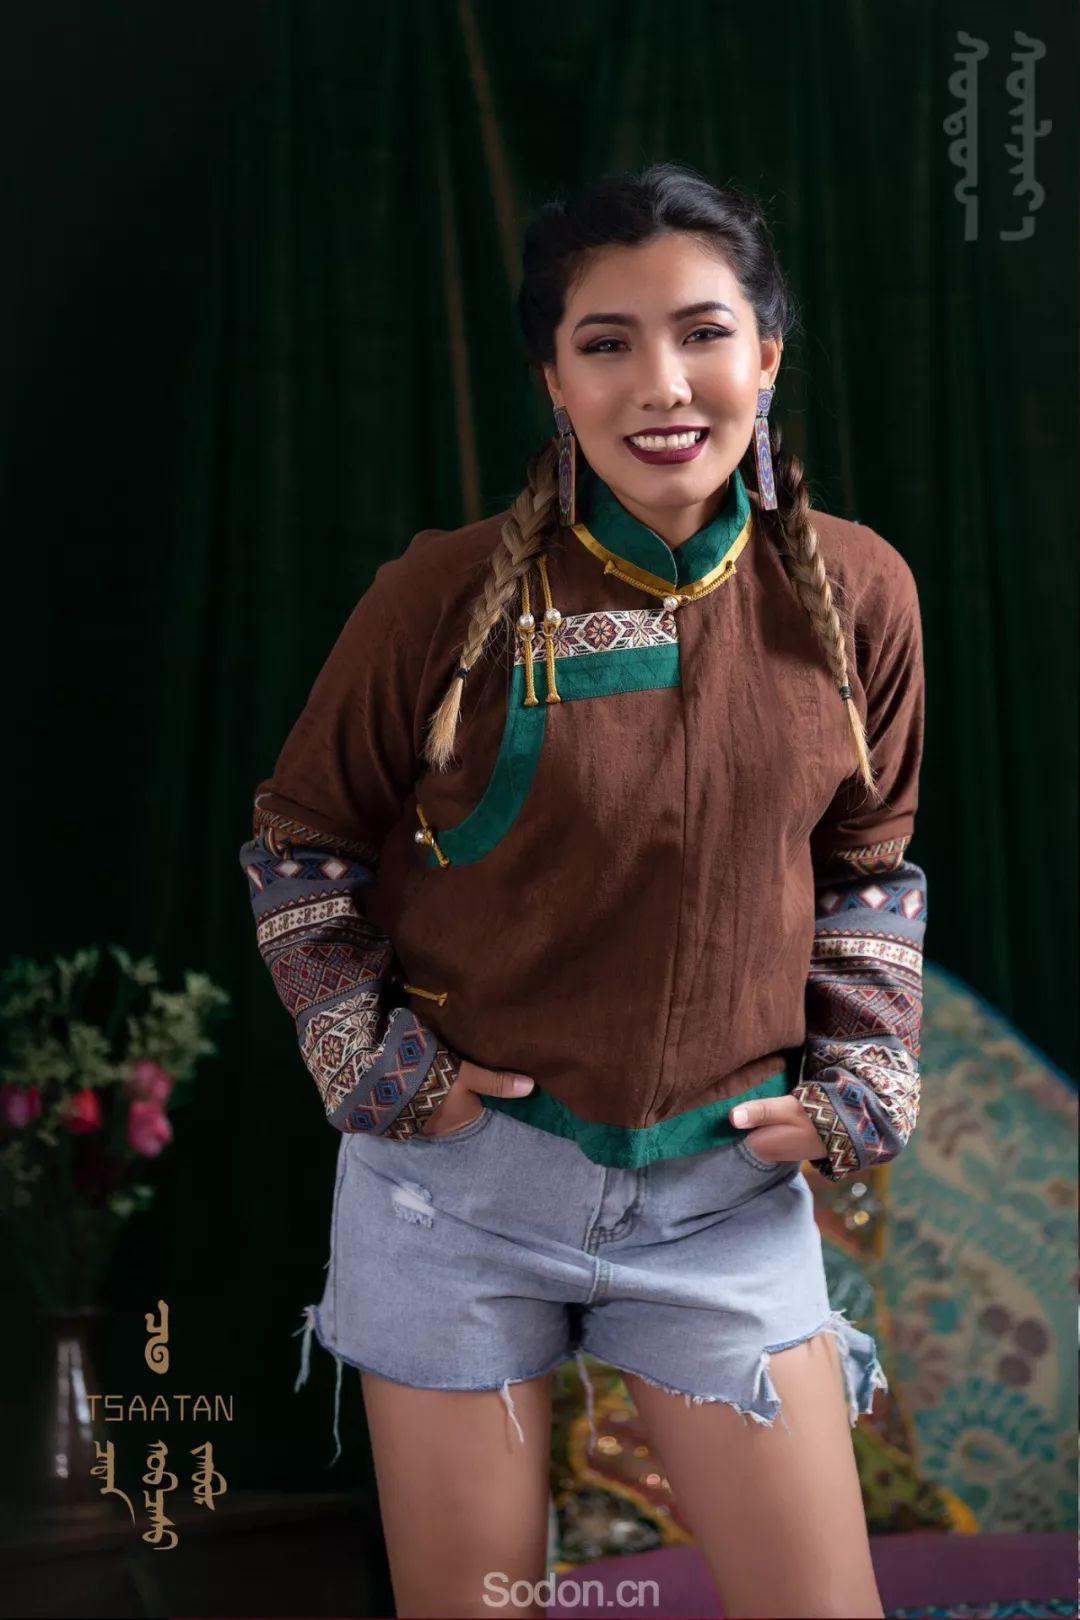 TSAATAN蒙古时装秋冬系列,来自驯鹿人的独特魅力! 第41张 TSAATAN蒙古时装秋冬系列,来自驯鹿人的独特魅力! 蒙古服饰